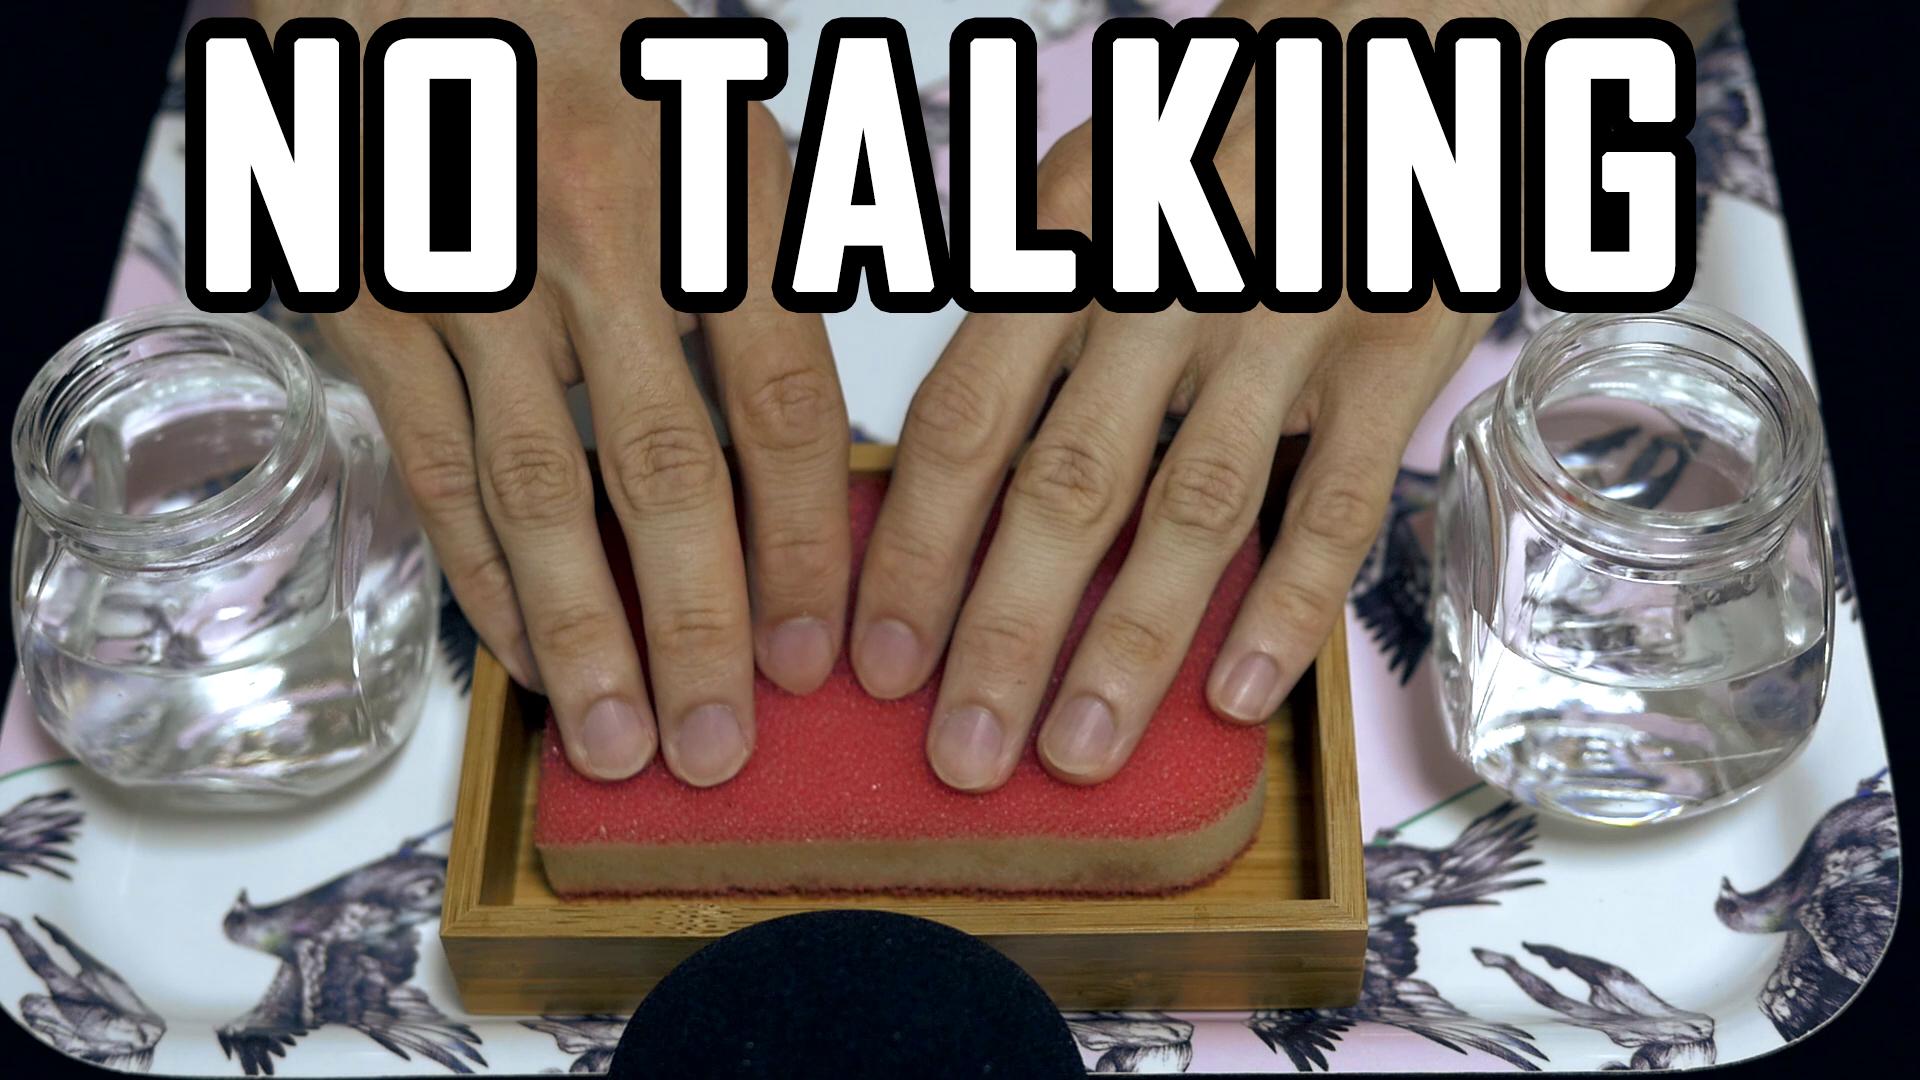 Asmr No Talking asmr no talking video - sponge scratching, squishing and